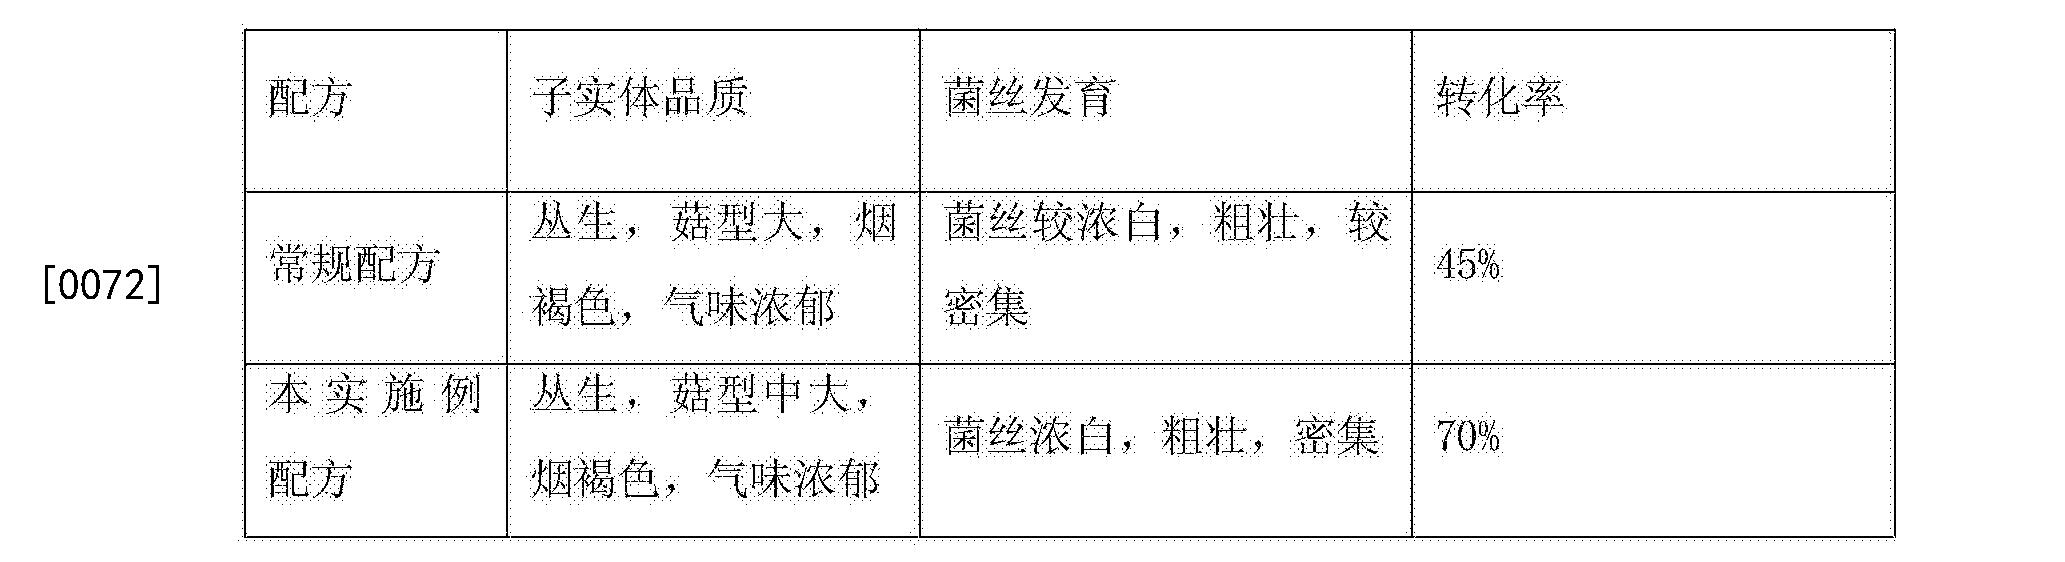 Figure CN104987156BD00081